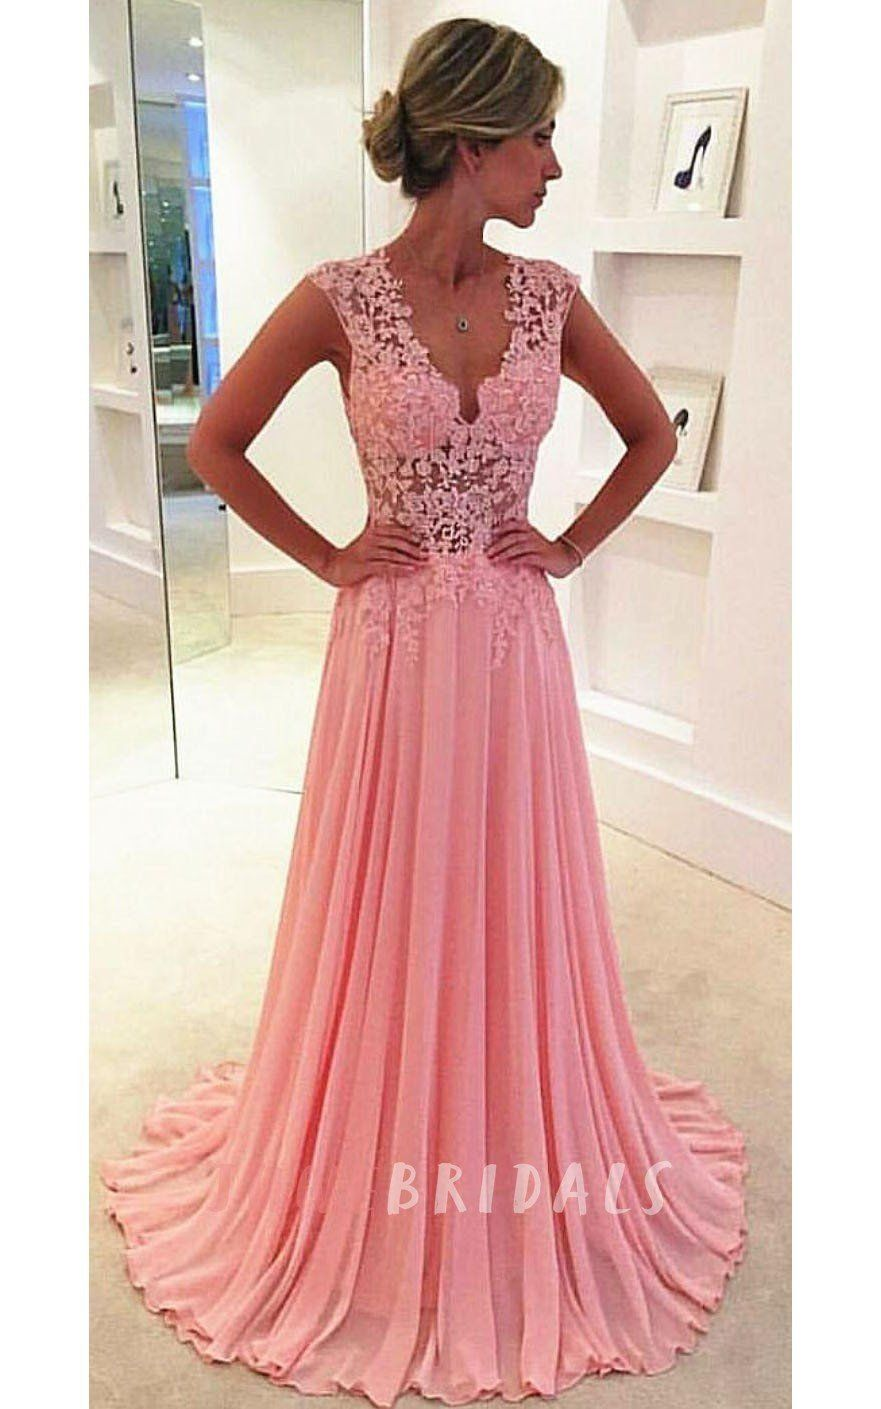 Bonito Vestido De Fiesta Knoxville Tn Cresta - Colección de Vestidos ...